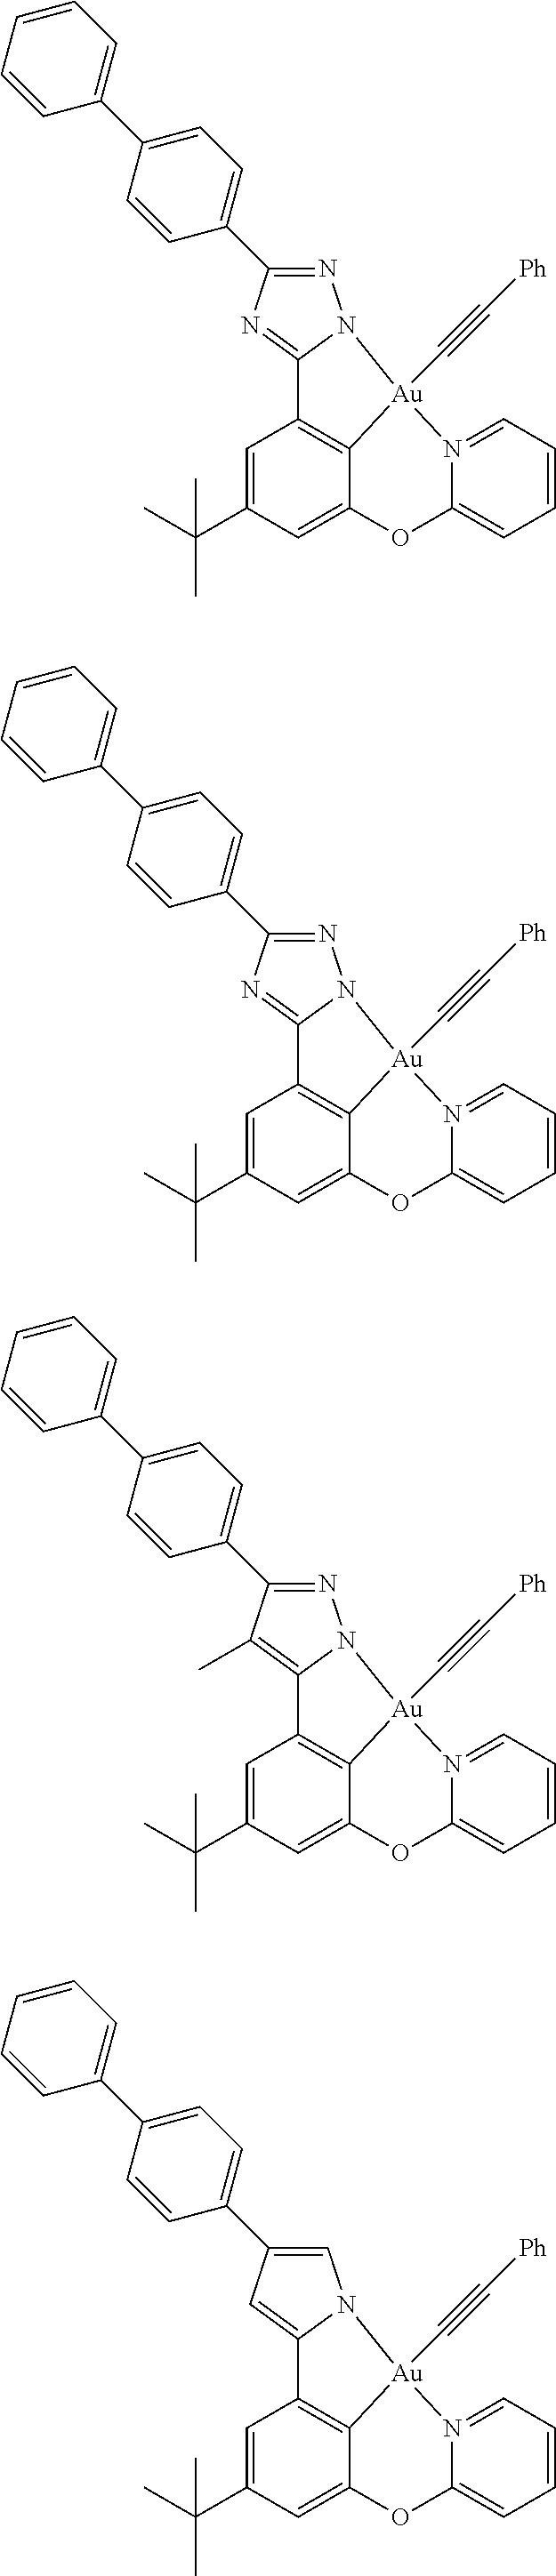 Figure US09818959-20171114-C00227